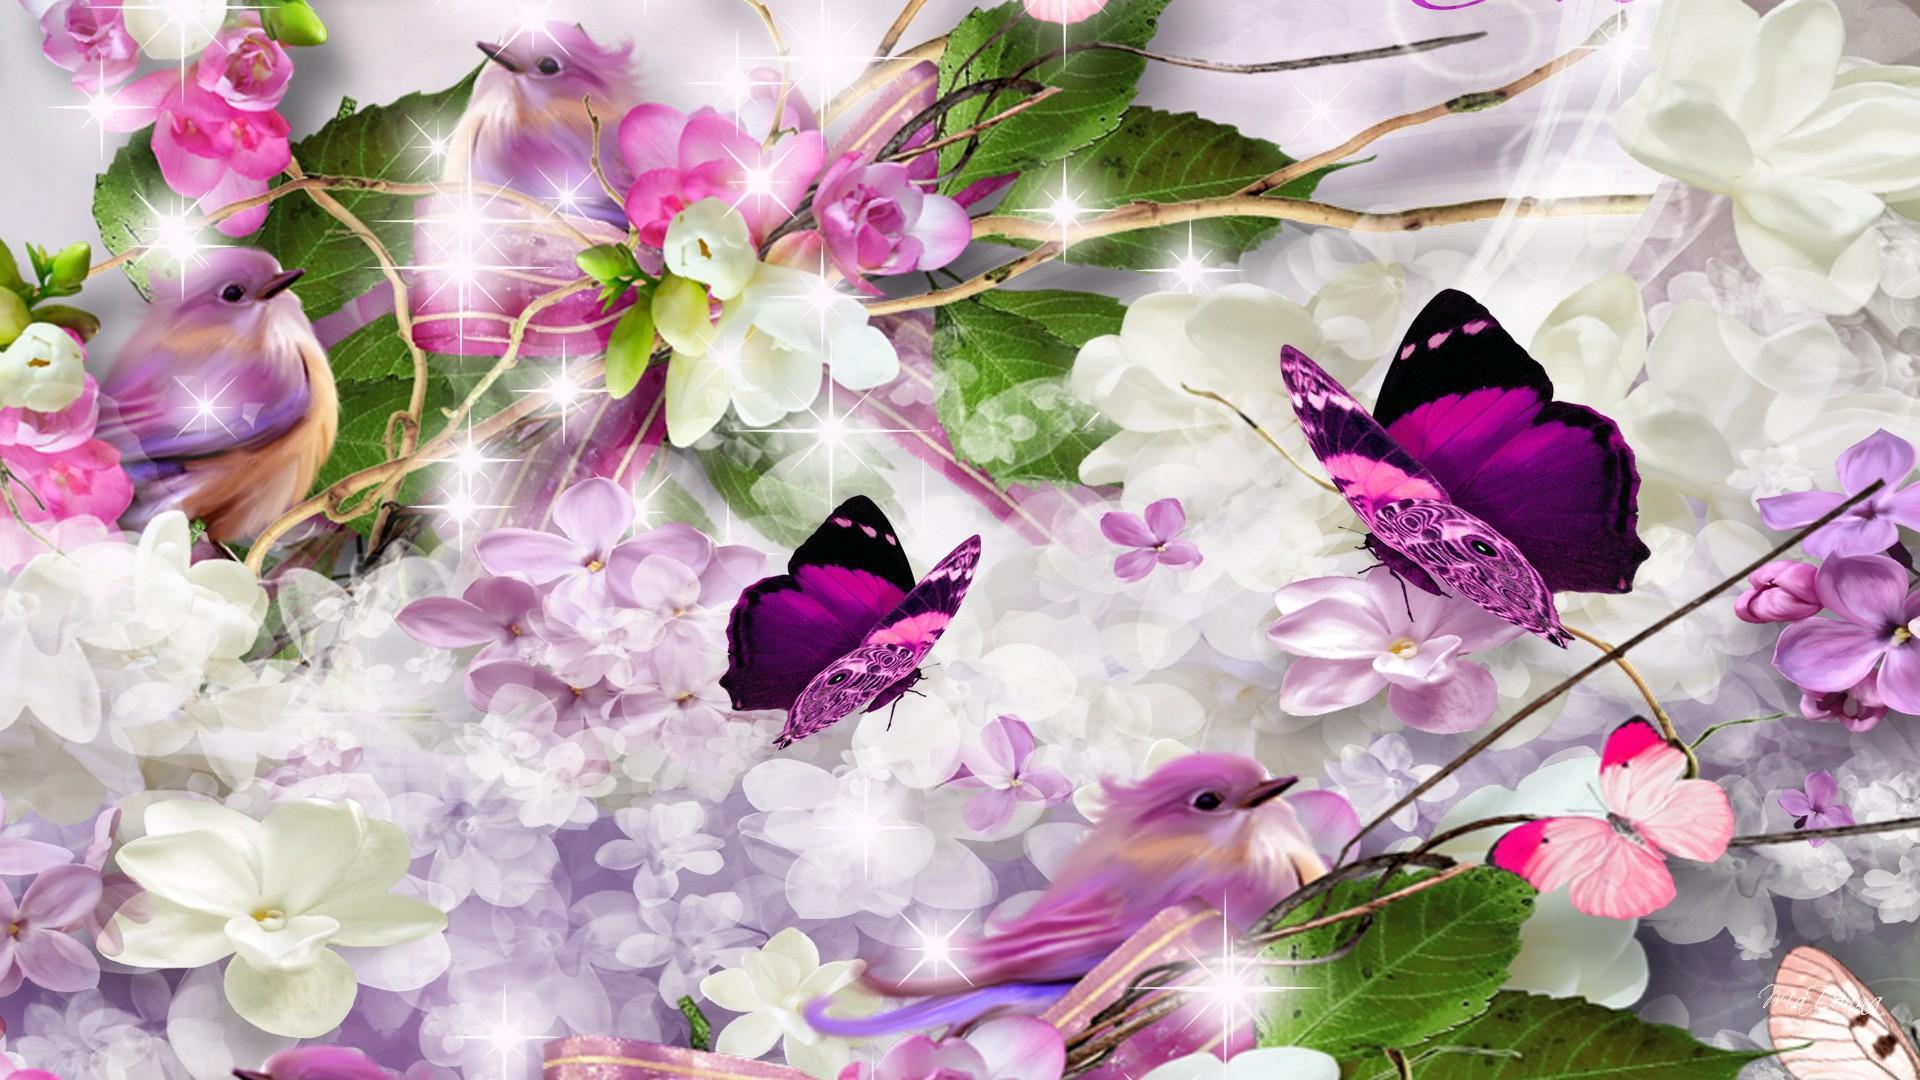 lilacs lilac birdjpg 1920x1080